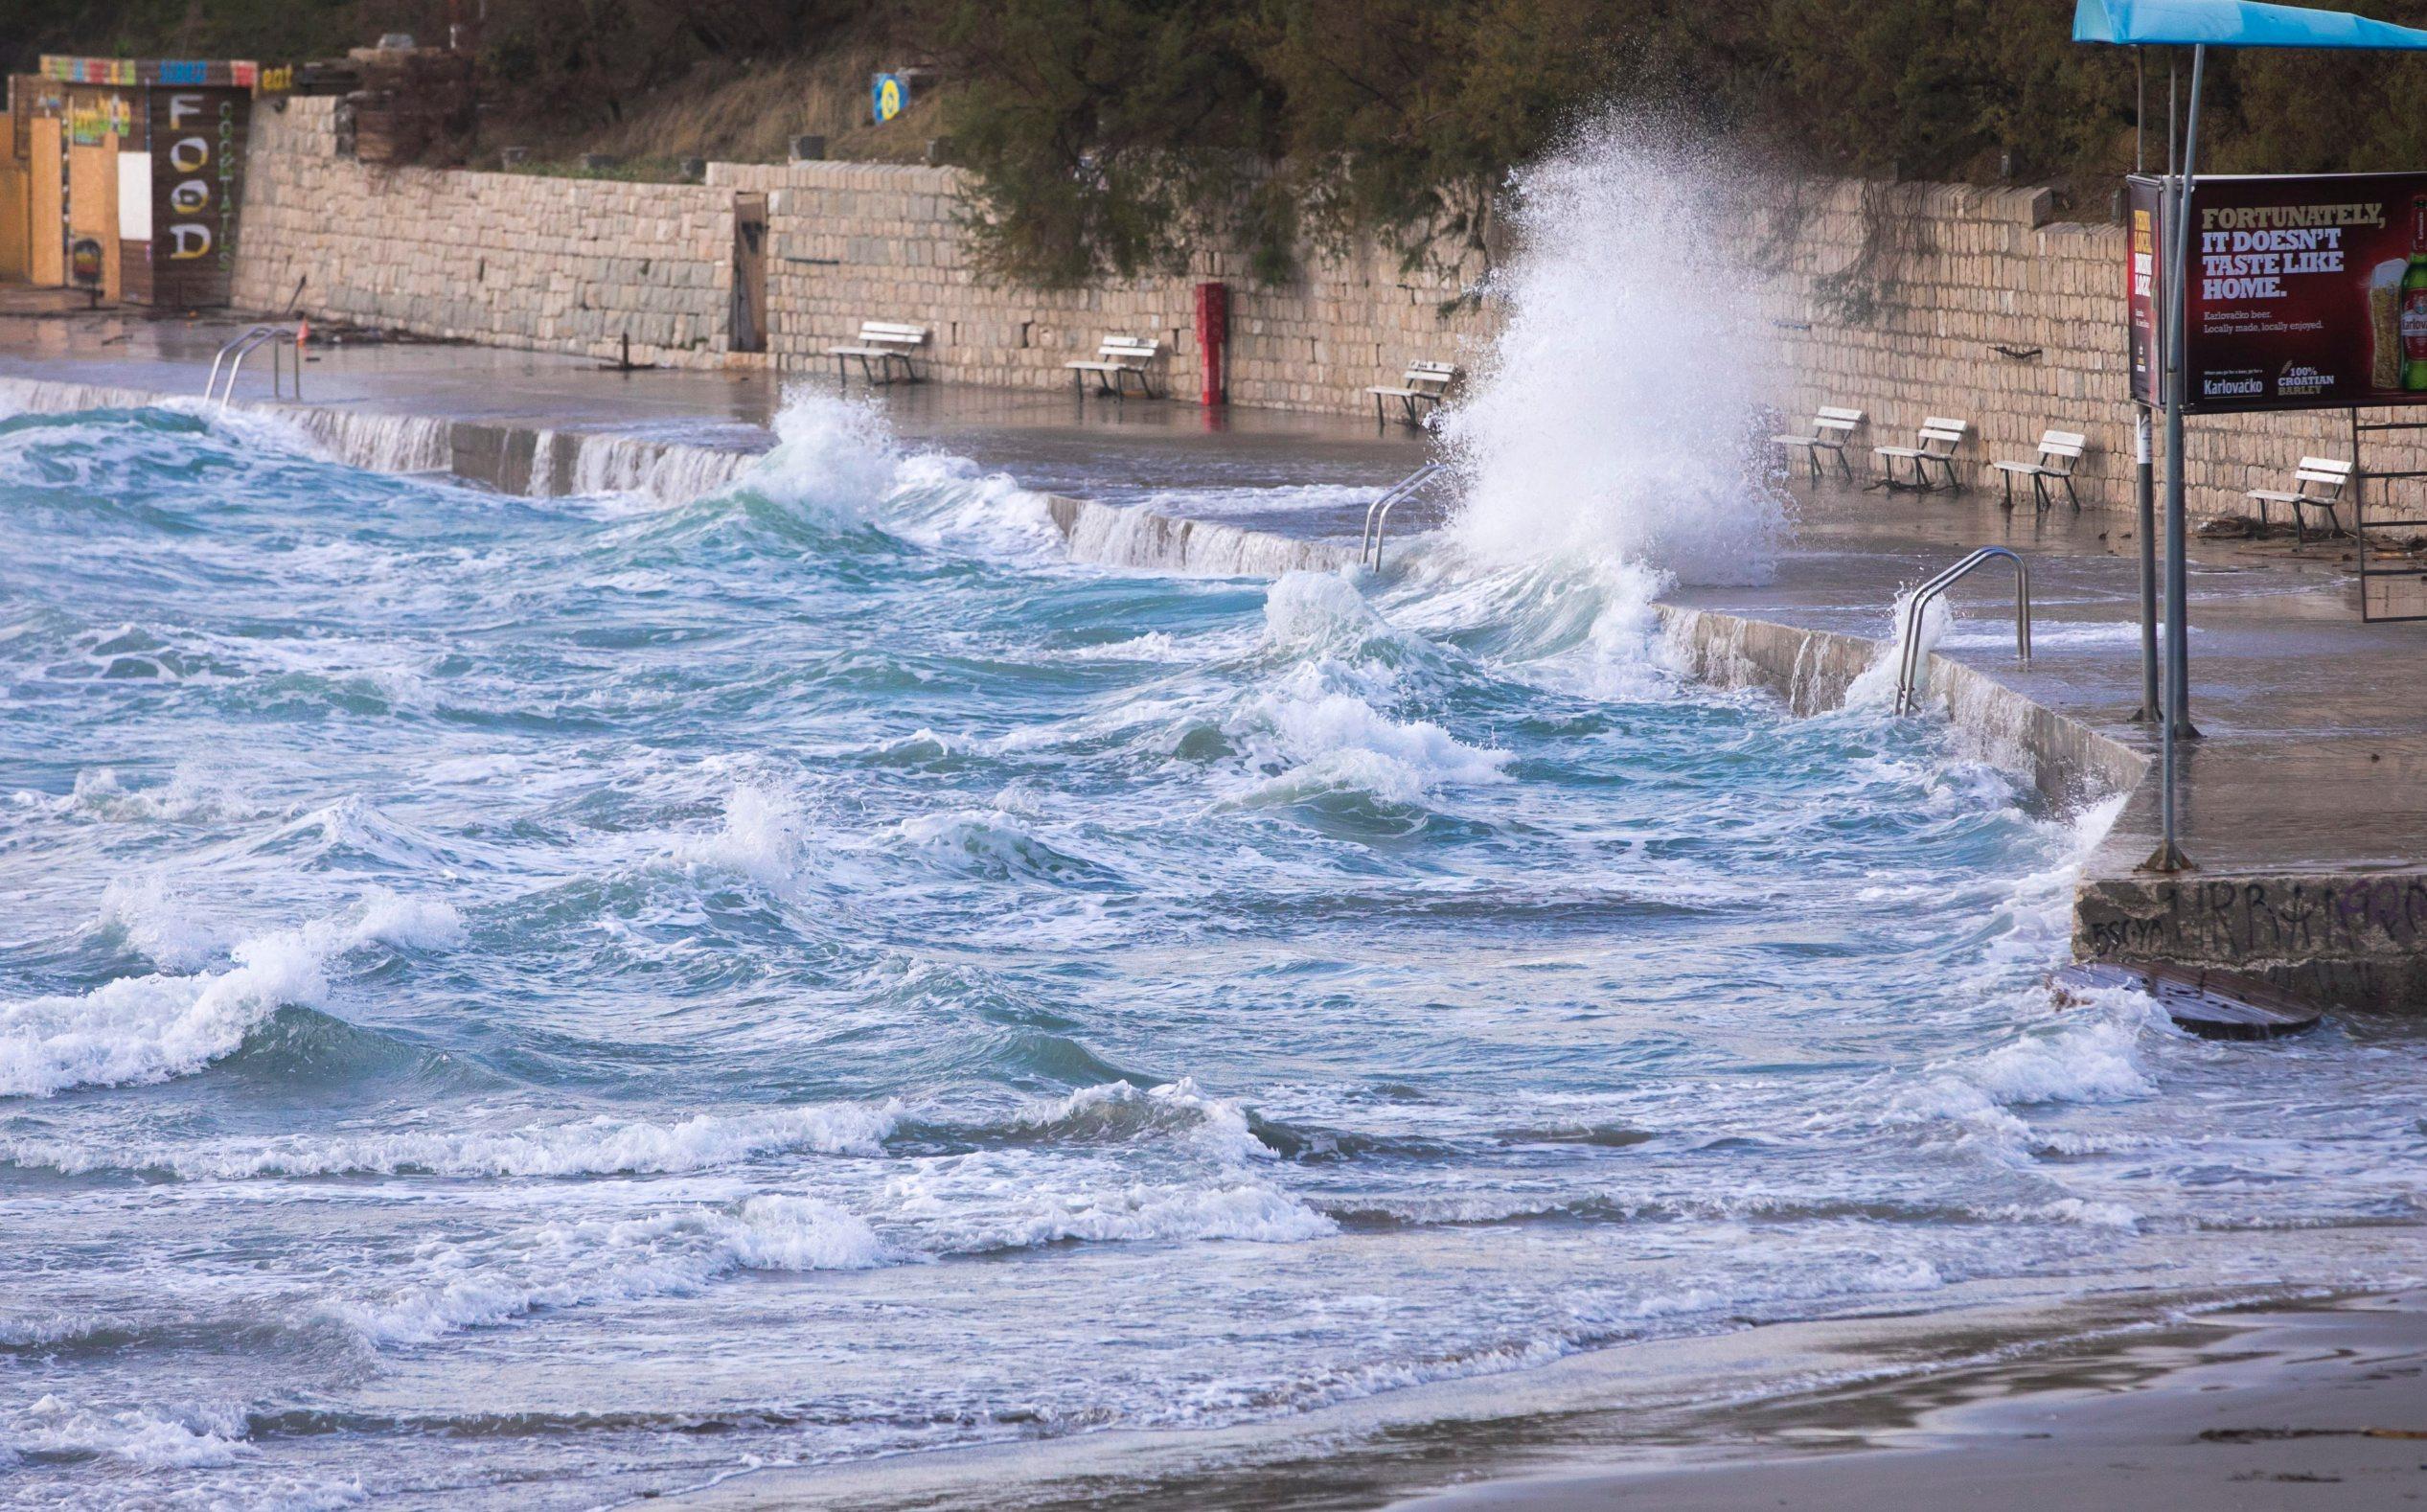 Split, 171119. U splitskom podrucju puse jako do olujno jugo koje je prouzrokovalo poteskoce u pomorskom prometu. Katamaranske linije za otoke su u prekidu kao i trajektna linija za otoke Vis i Drvenik. Foto: Vojko Basic / CROPIX